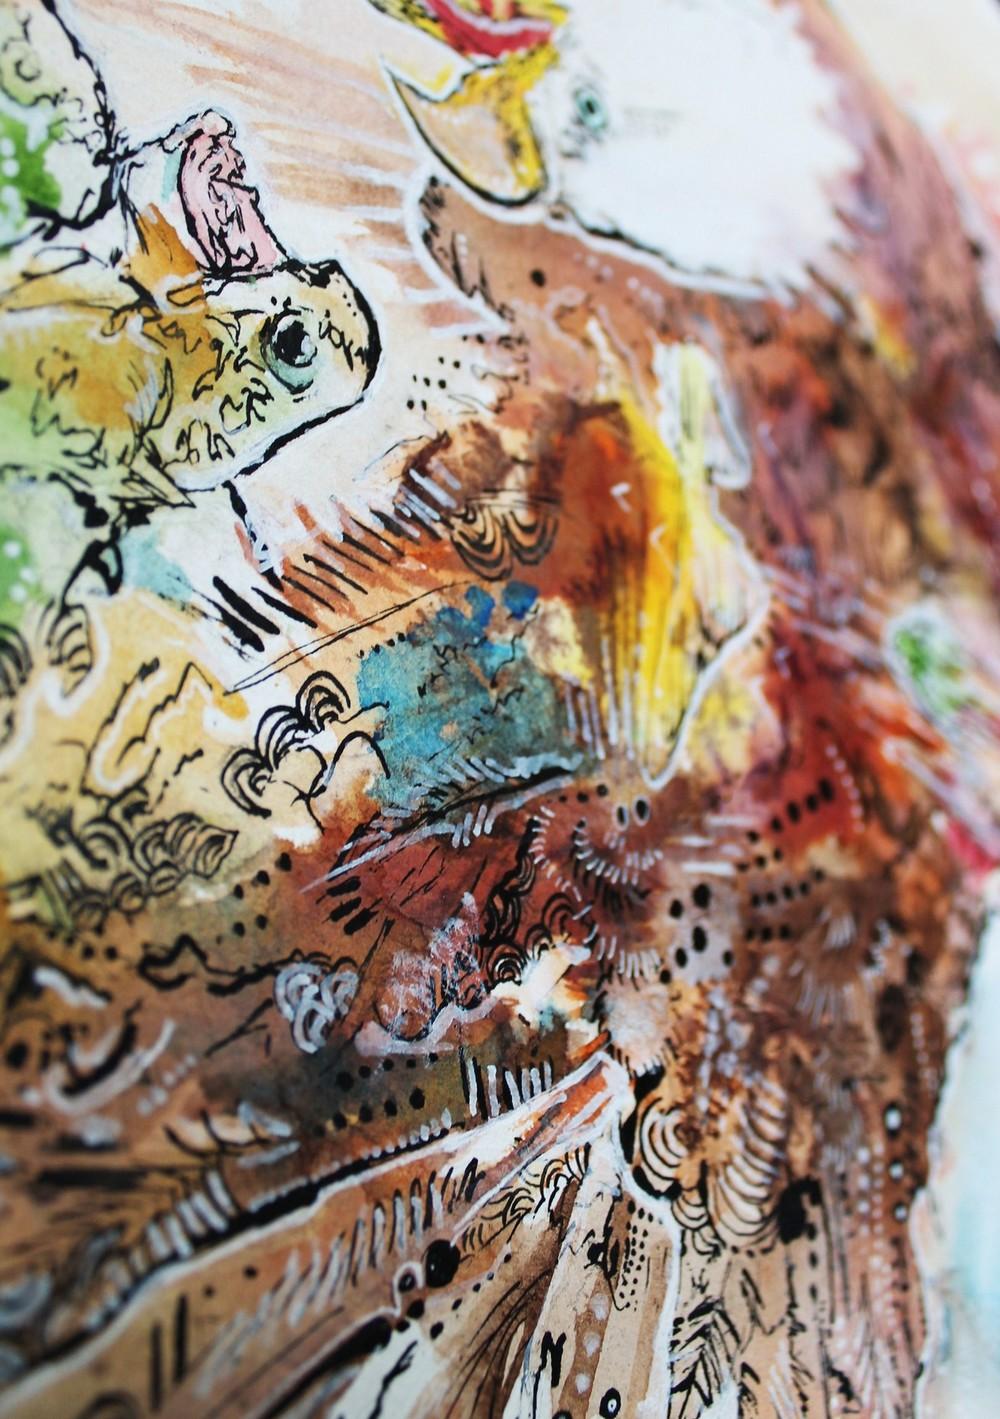 tortoise-eagle-detail7.jpg.JPG